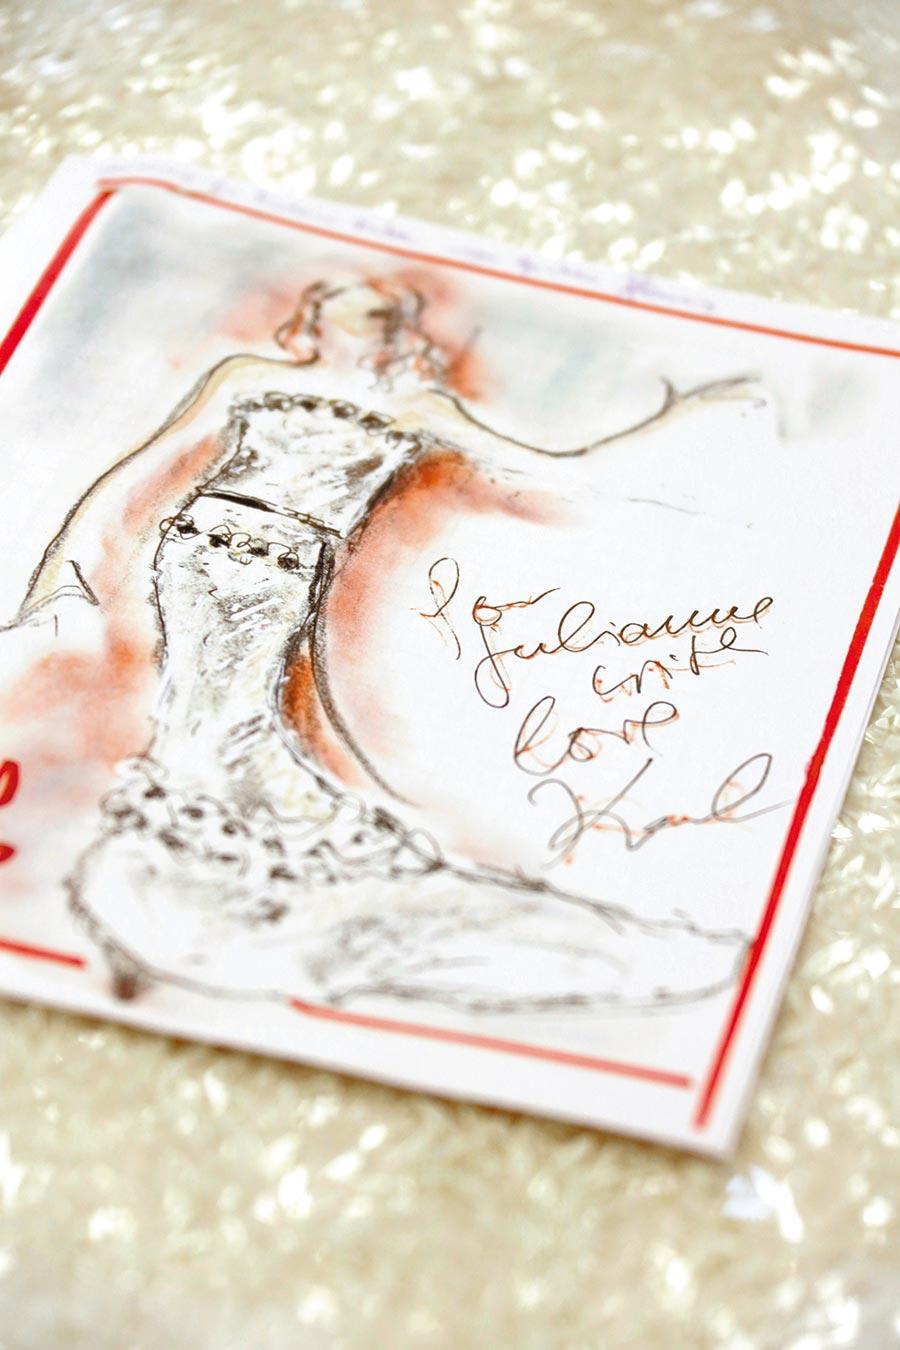 茱莉安摩爾奪得奧斯卡最佳女主角時,就是身穿香奈兒馬甲露肩高級訂製服,由卡爾拉格斐親繪草圖。(香奈兒提供)